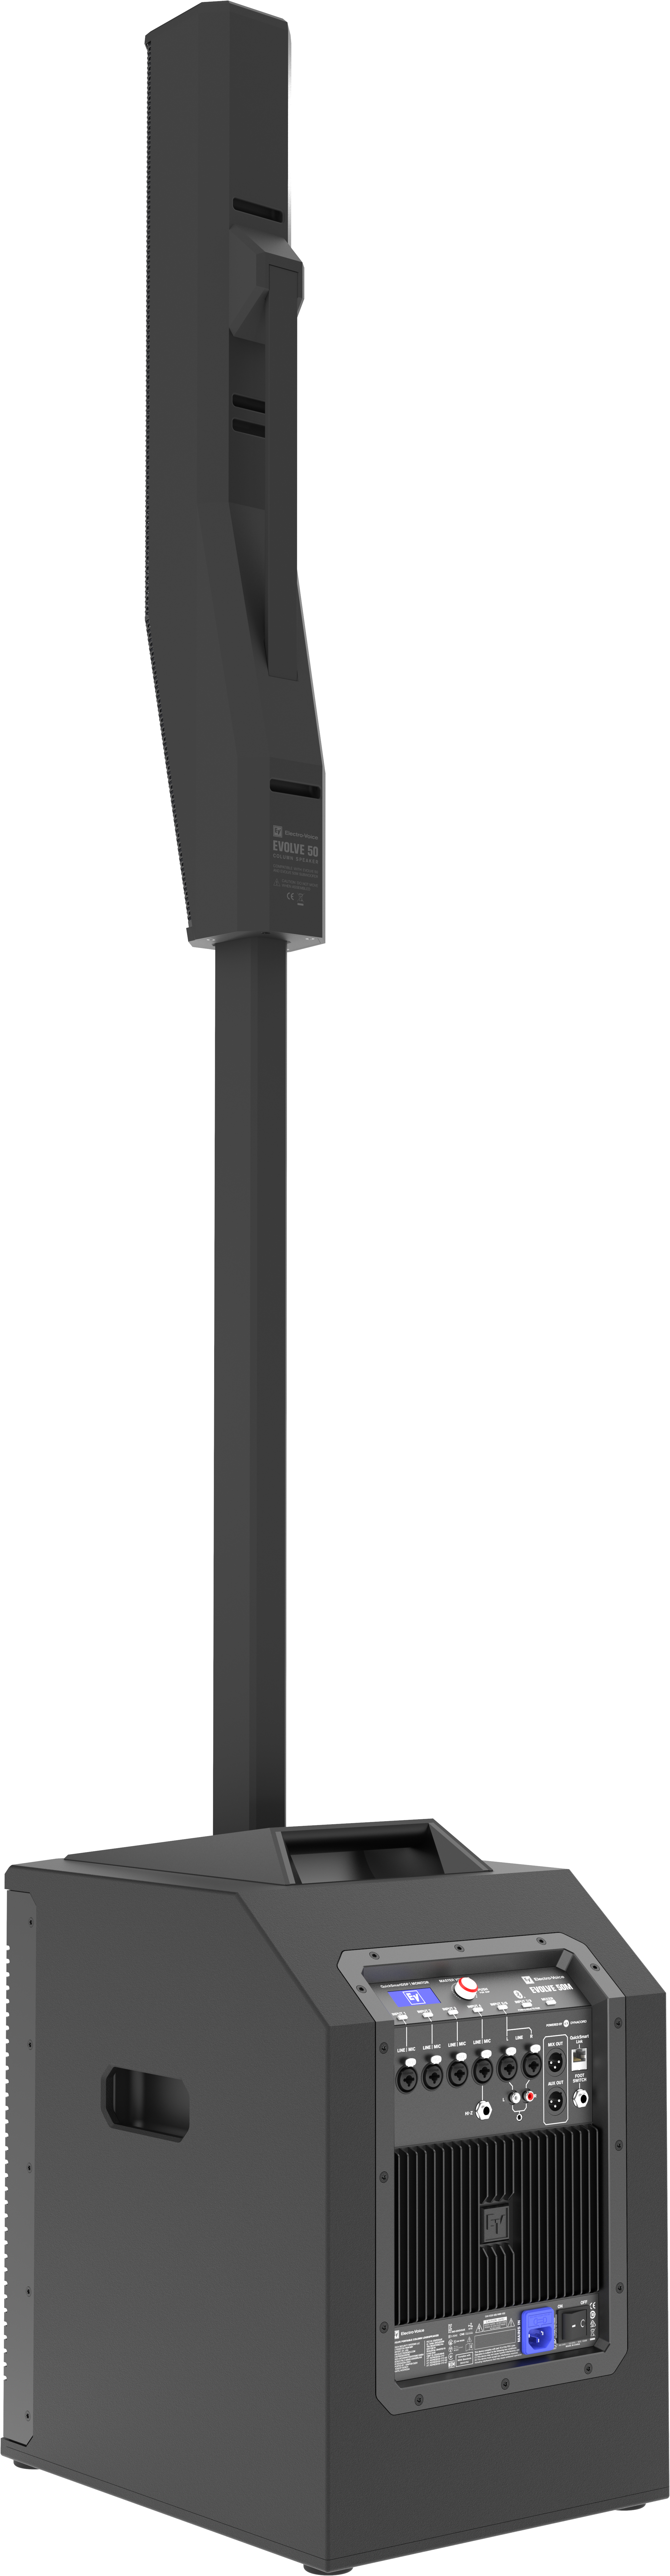 EVOLVE 50M BK - Sistem portabil tip coloana [4]